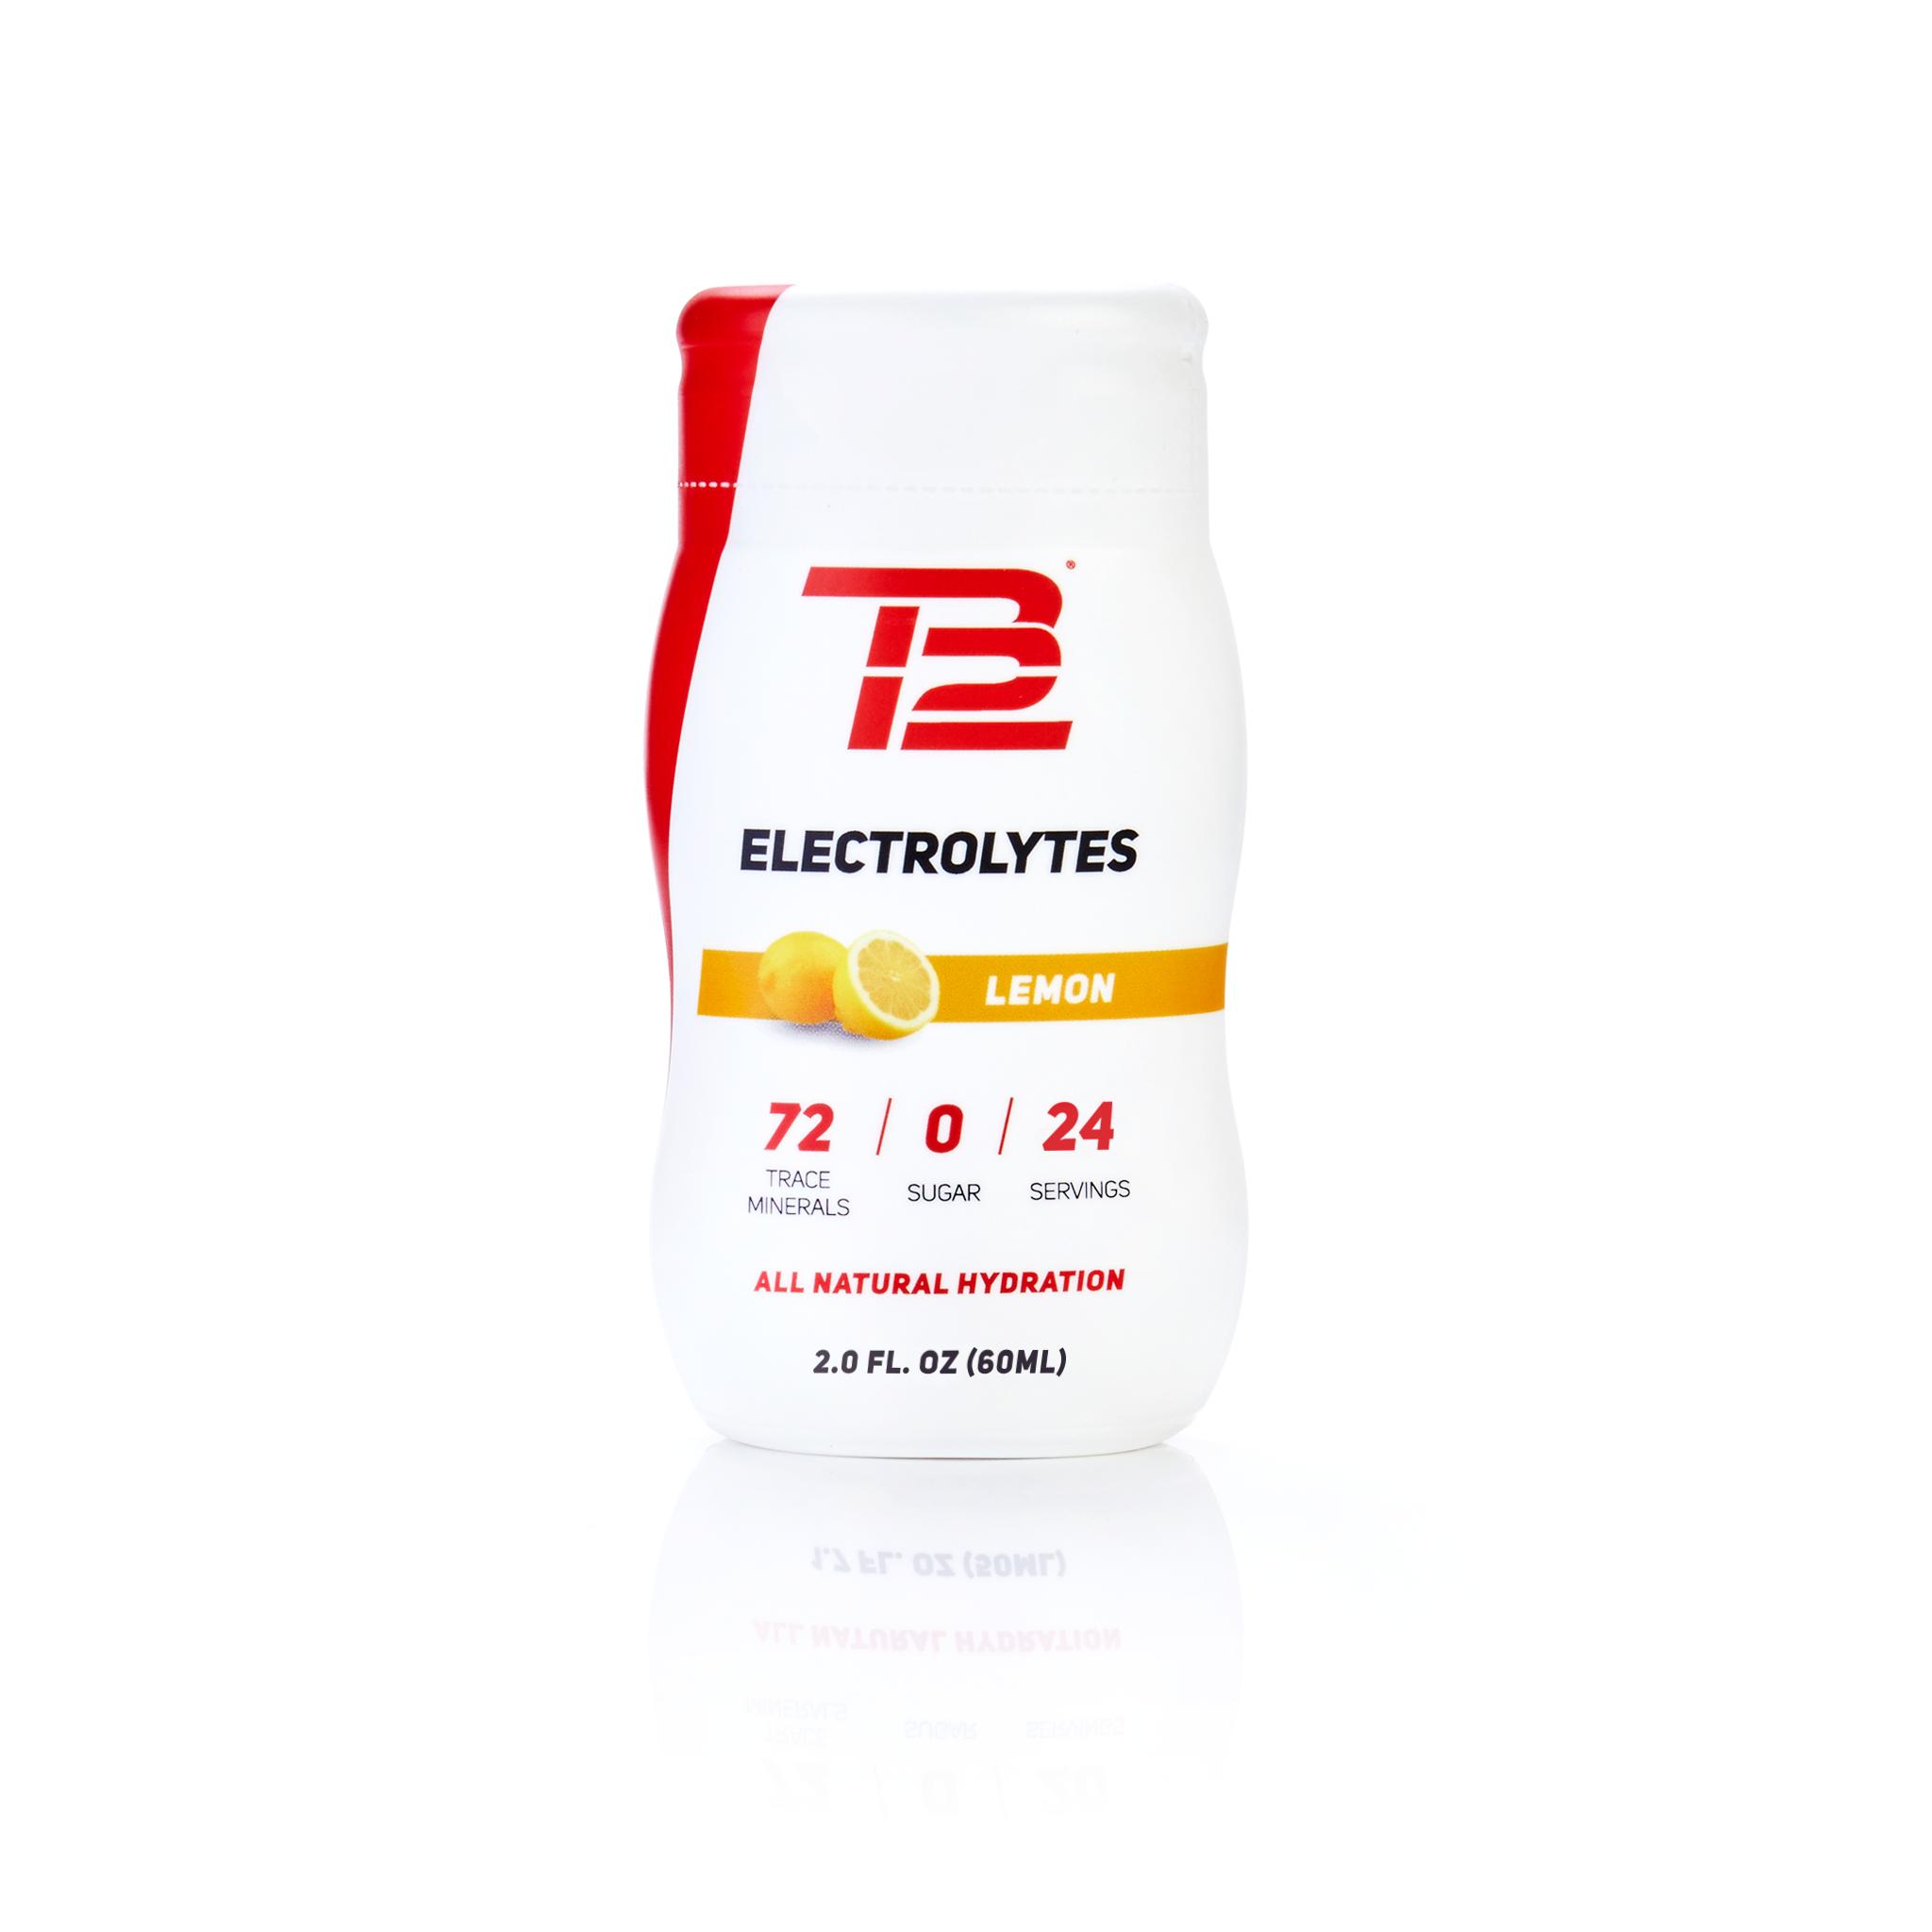 TB12™ Electrolytes - Lemon